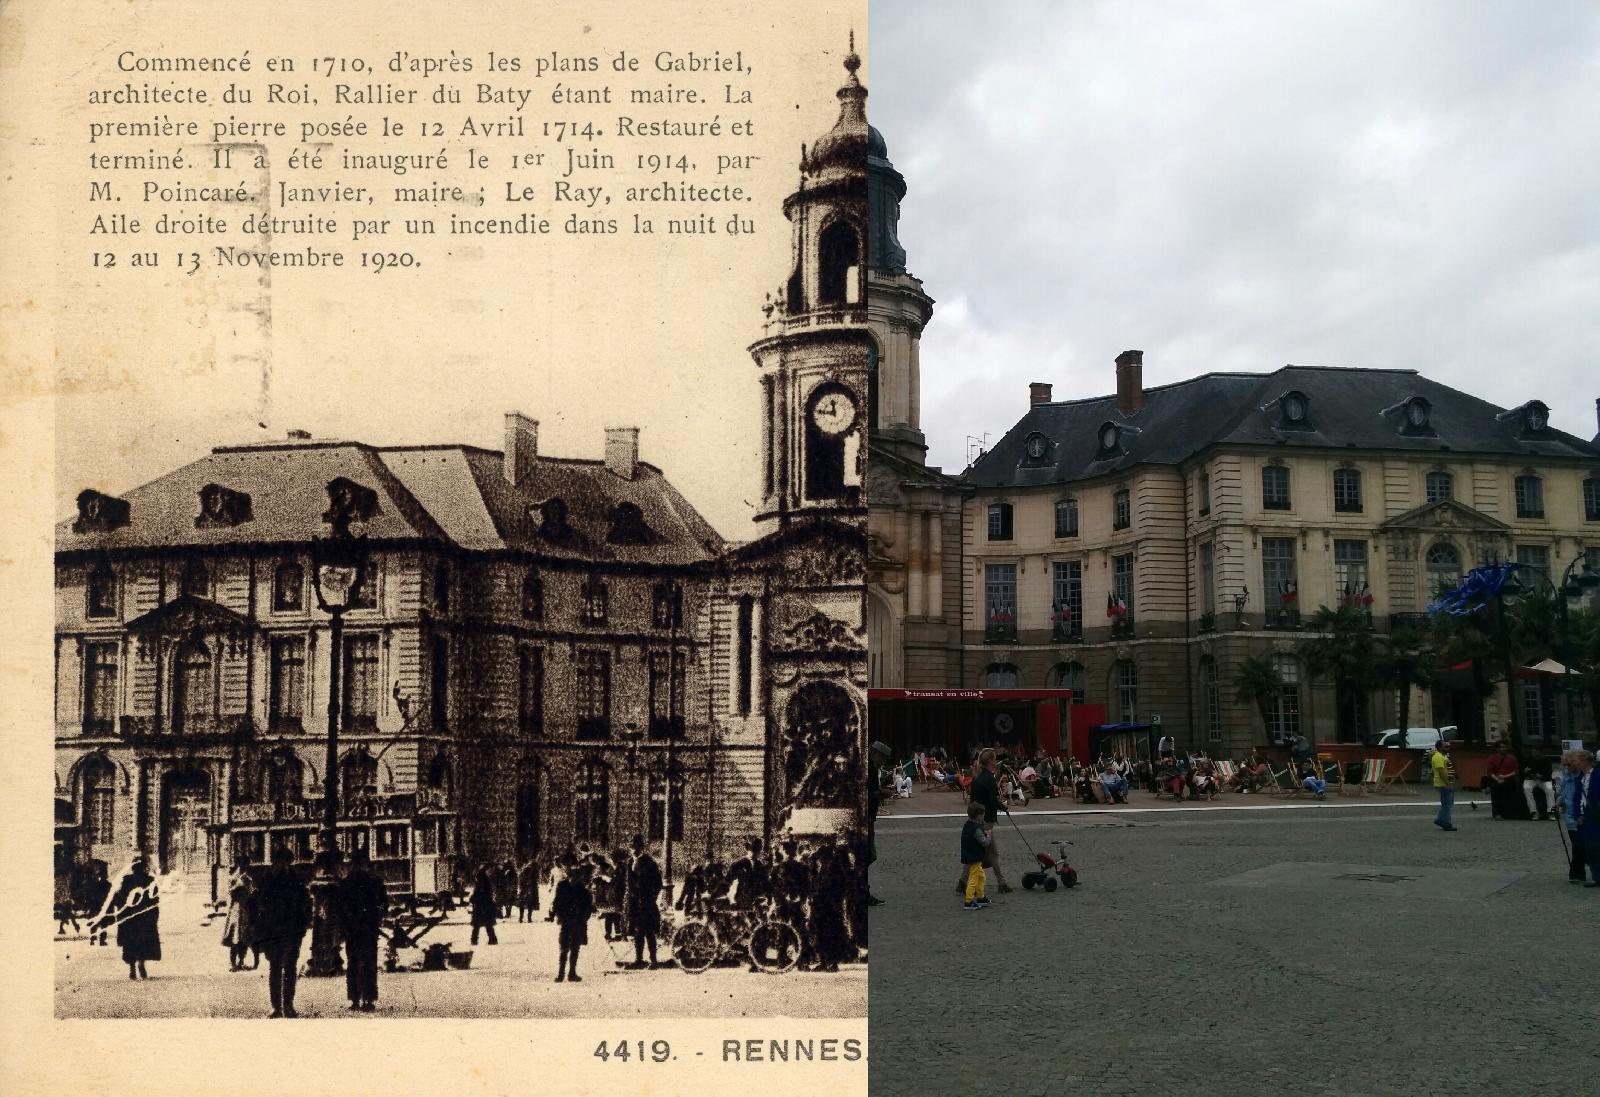 Rennes - L'Hôtel de Ville